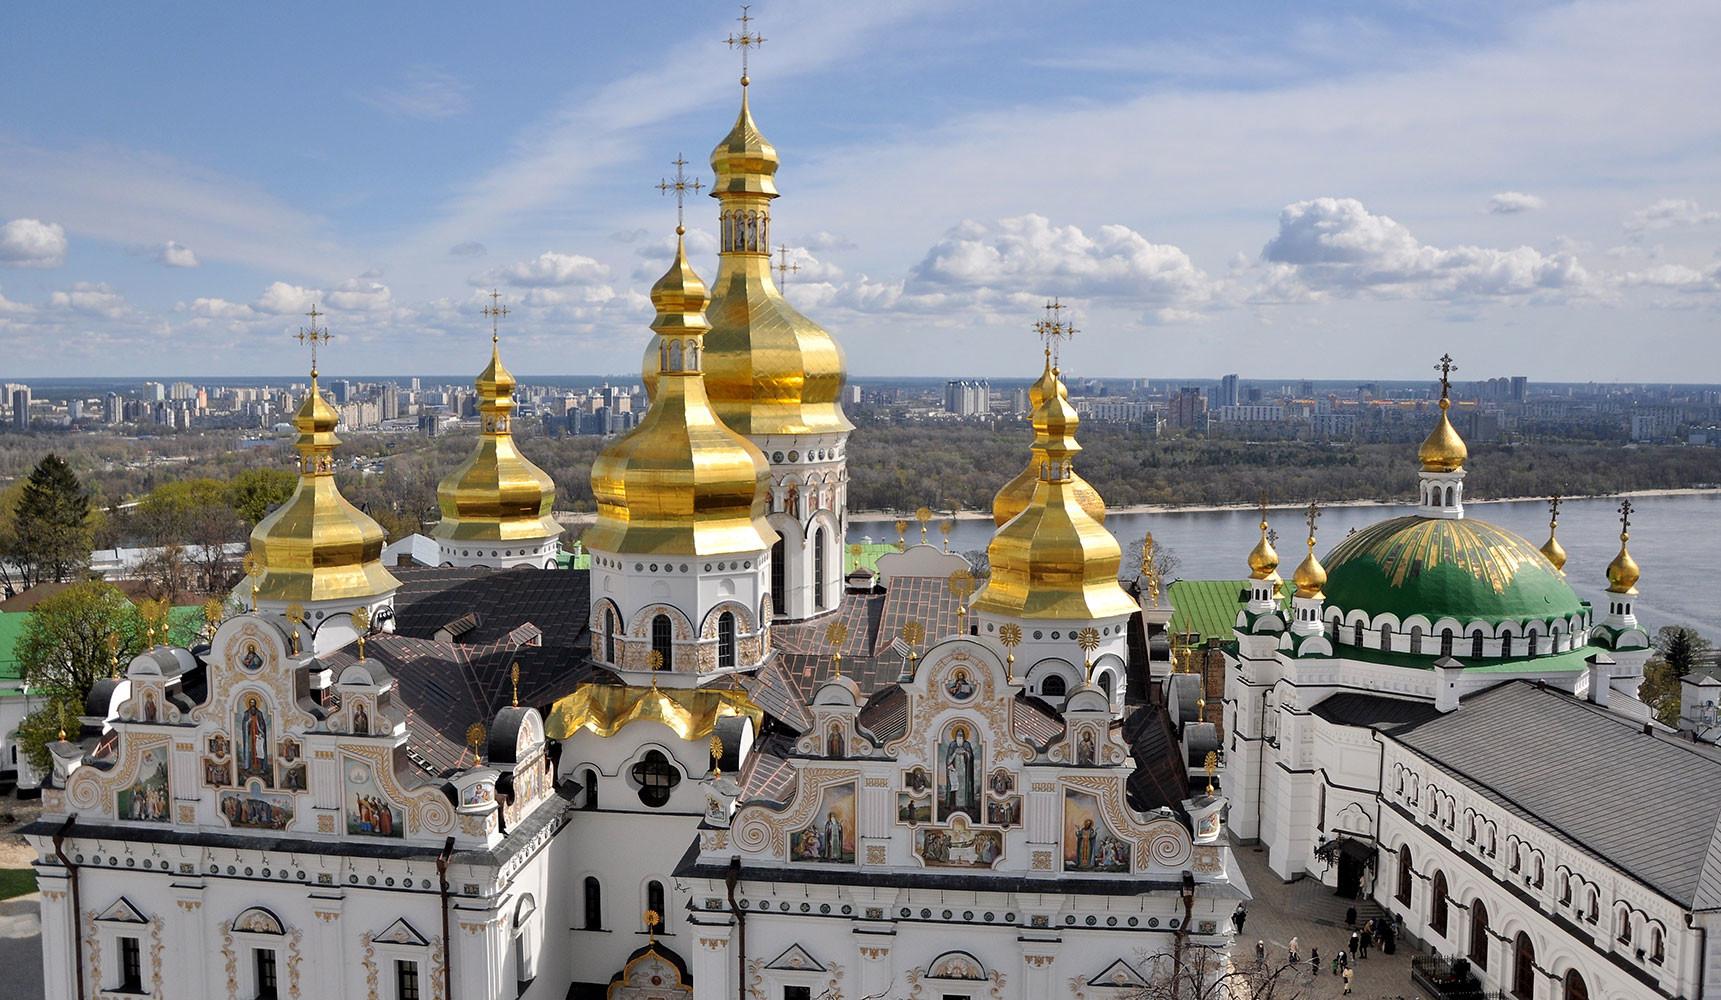 Передать Киево-Печерскую лавру ПЦУ: петиция на сайте президента набрала почти половину необходимых подписей